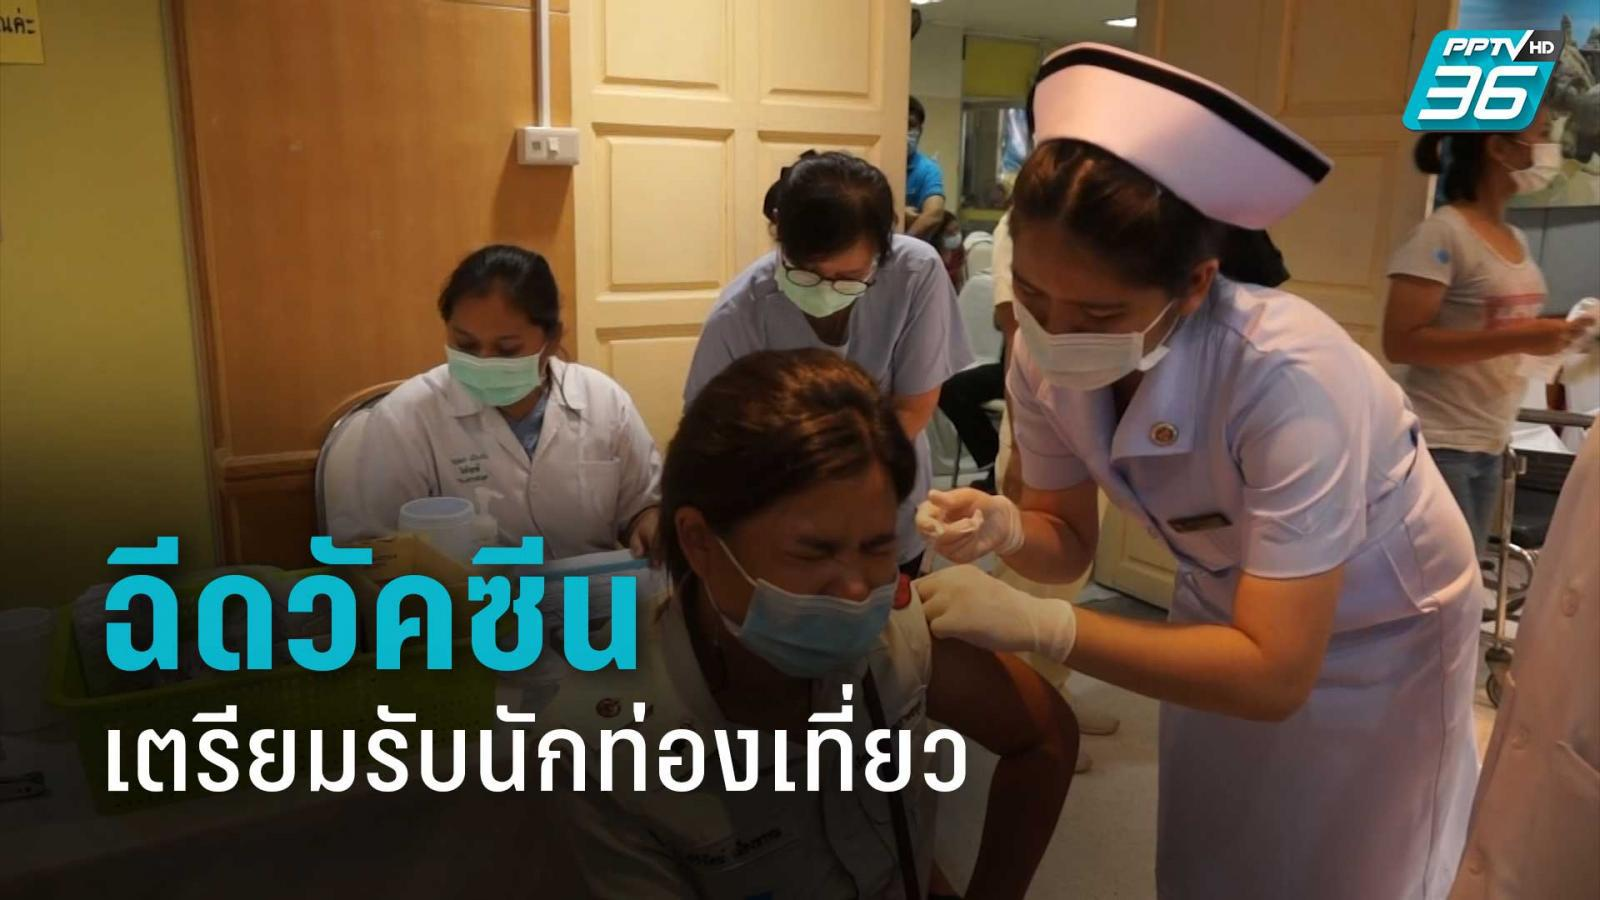 สมุย ลุยฉีดวัคซีนโควิด เตรียมพร้อม รับนักท่องเที่ยวต่างชาติ